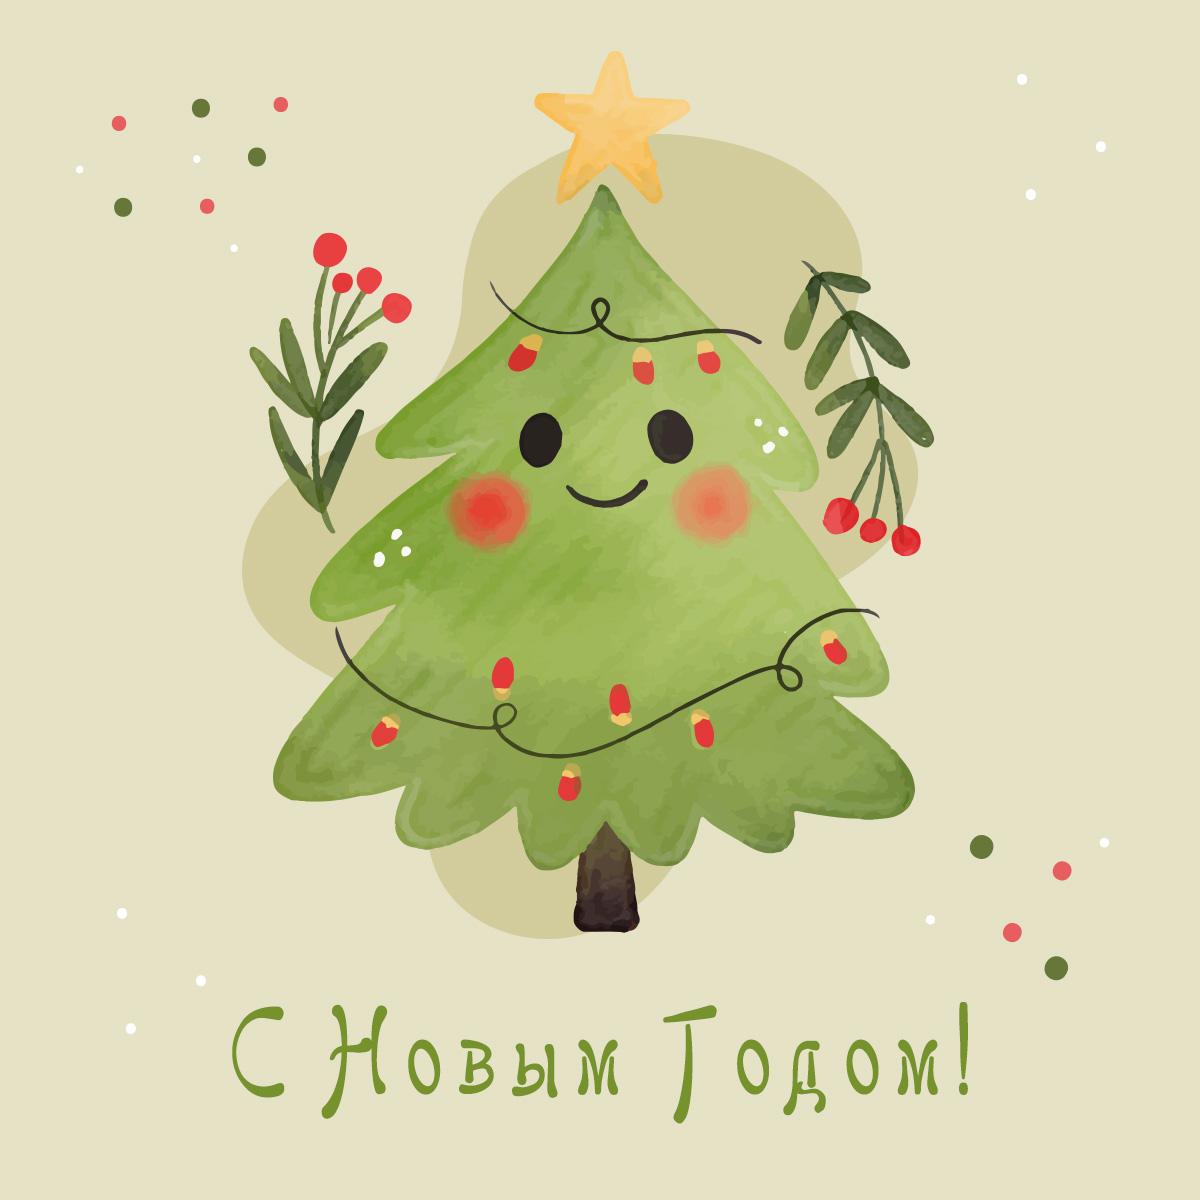 Акварельная новогодняя елка с гирляндой на нежно-зелёном фоне.